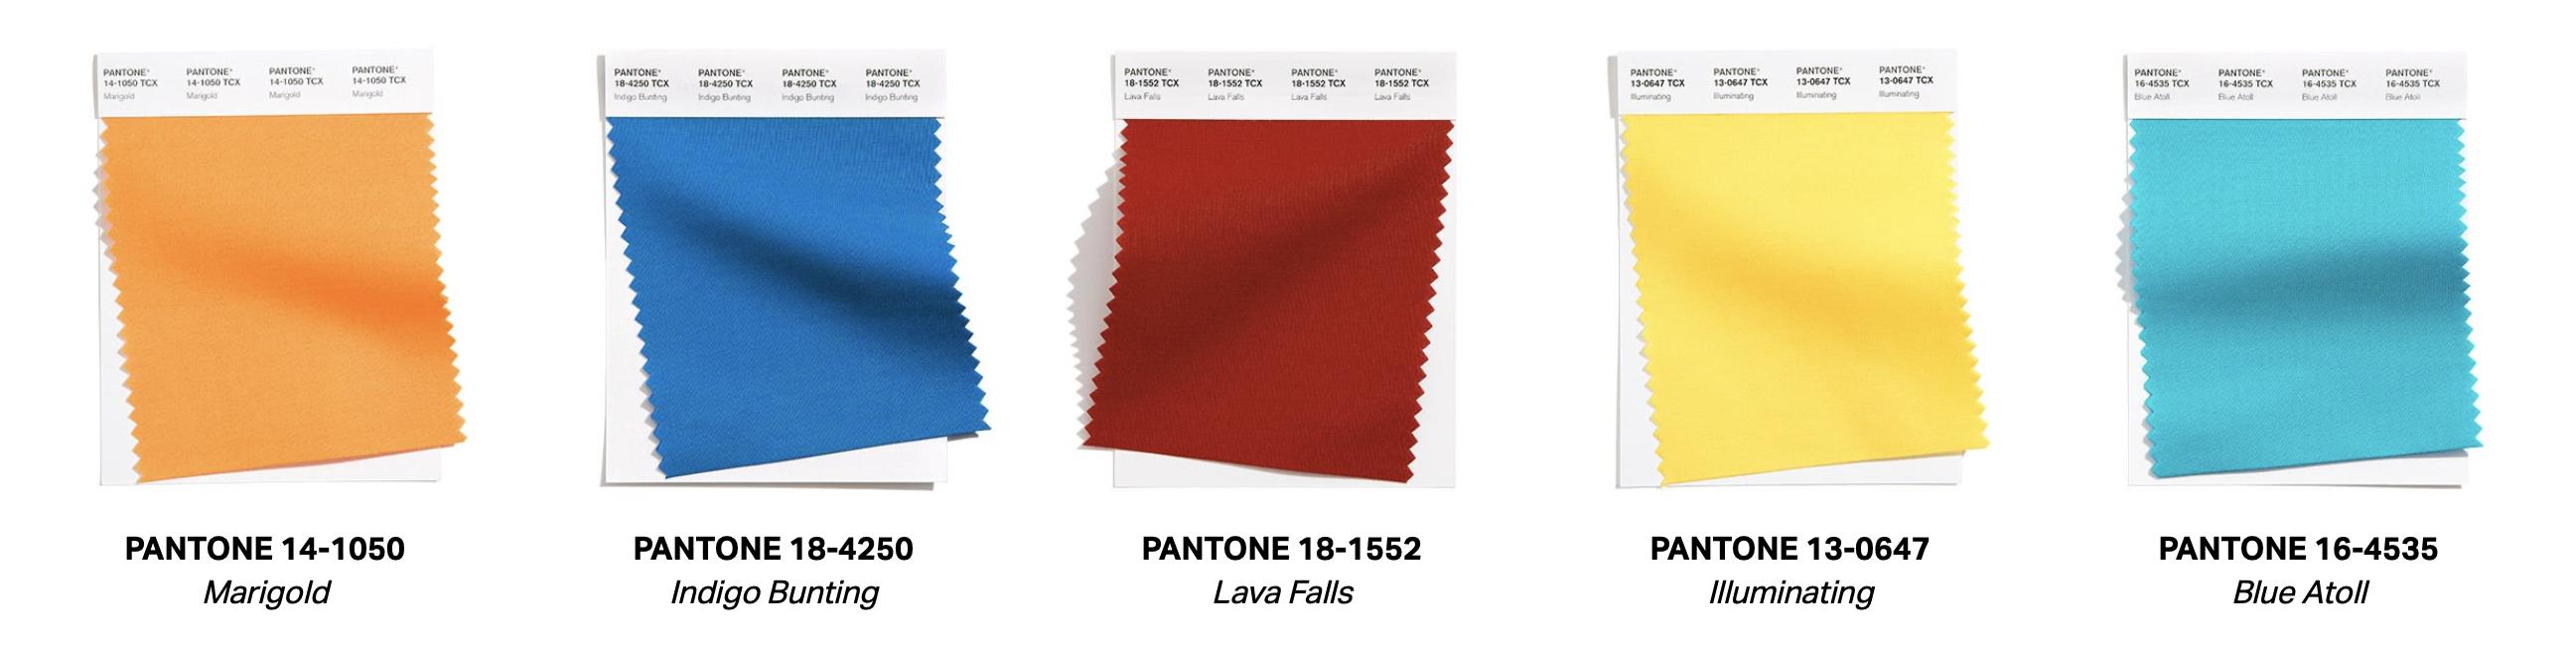 10 colores tendencias pantone